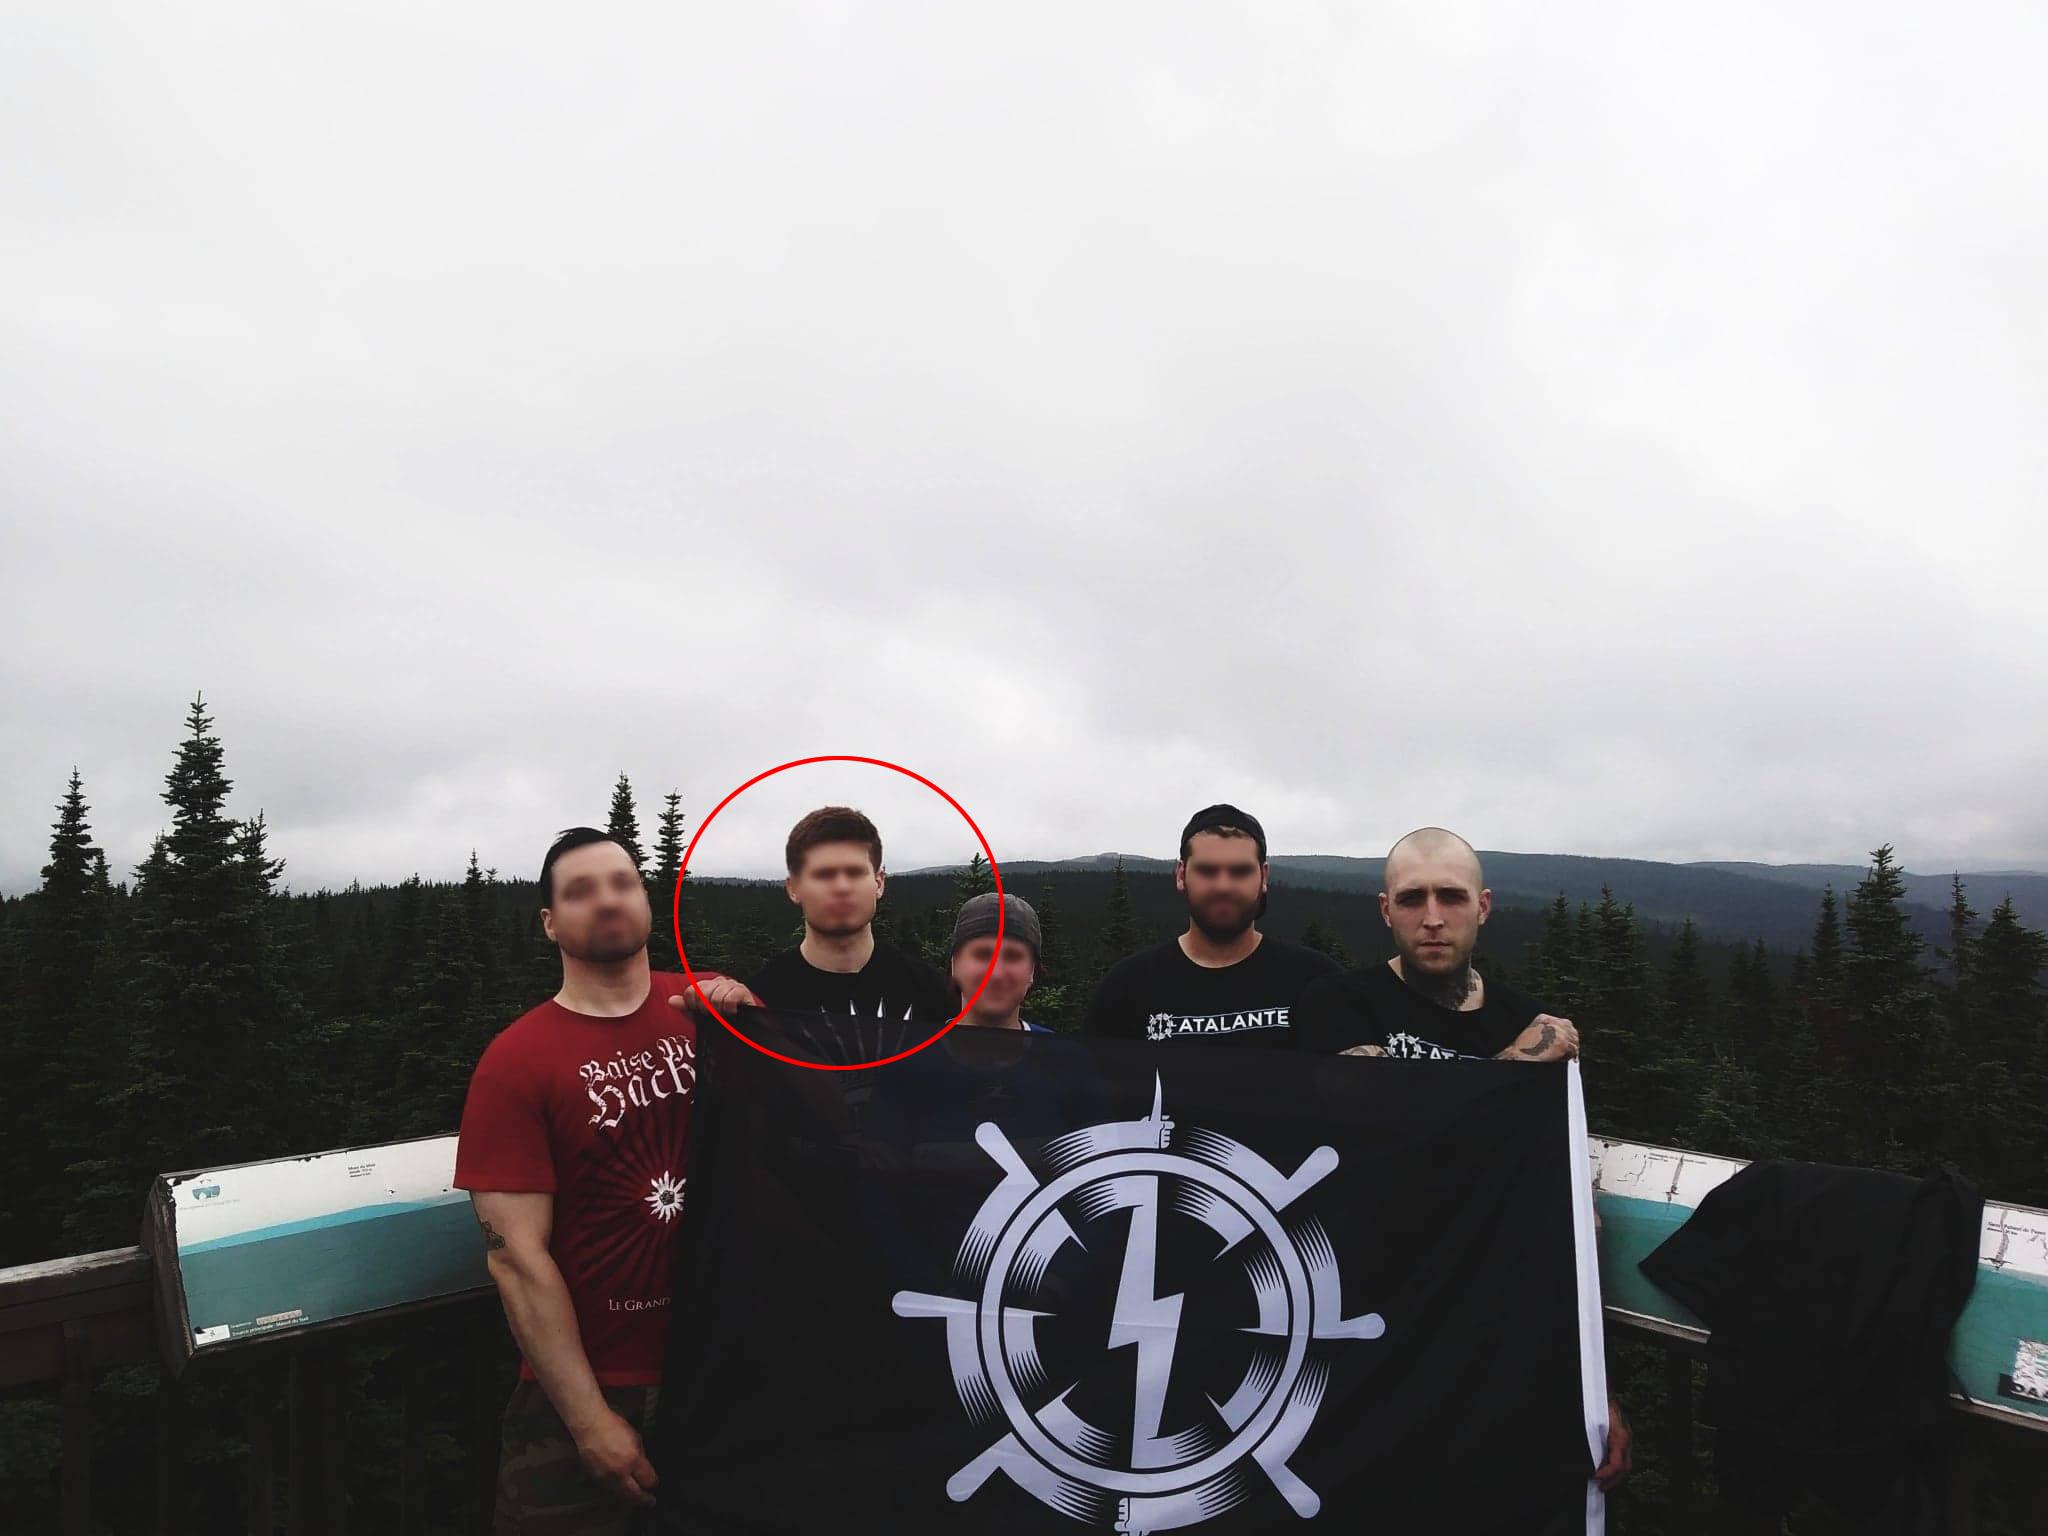 Baptiste Gilistro en randonnée avec d'autres militants d'Atalante, en juillet 2018.